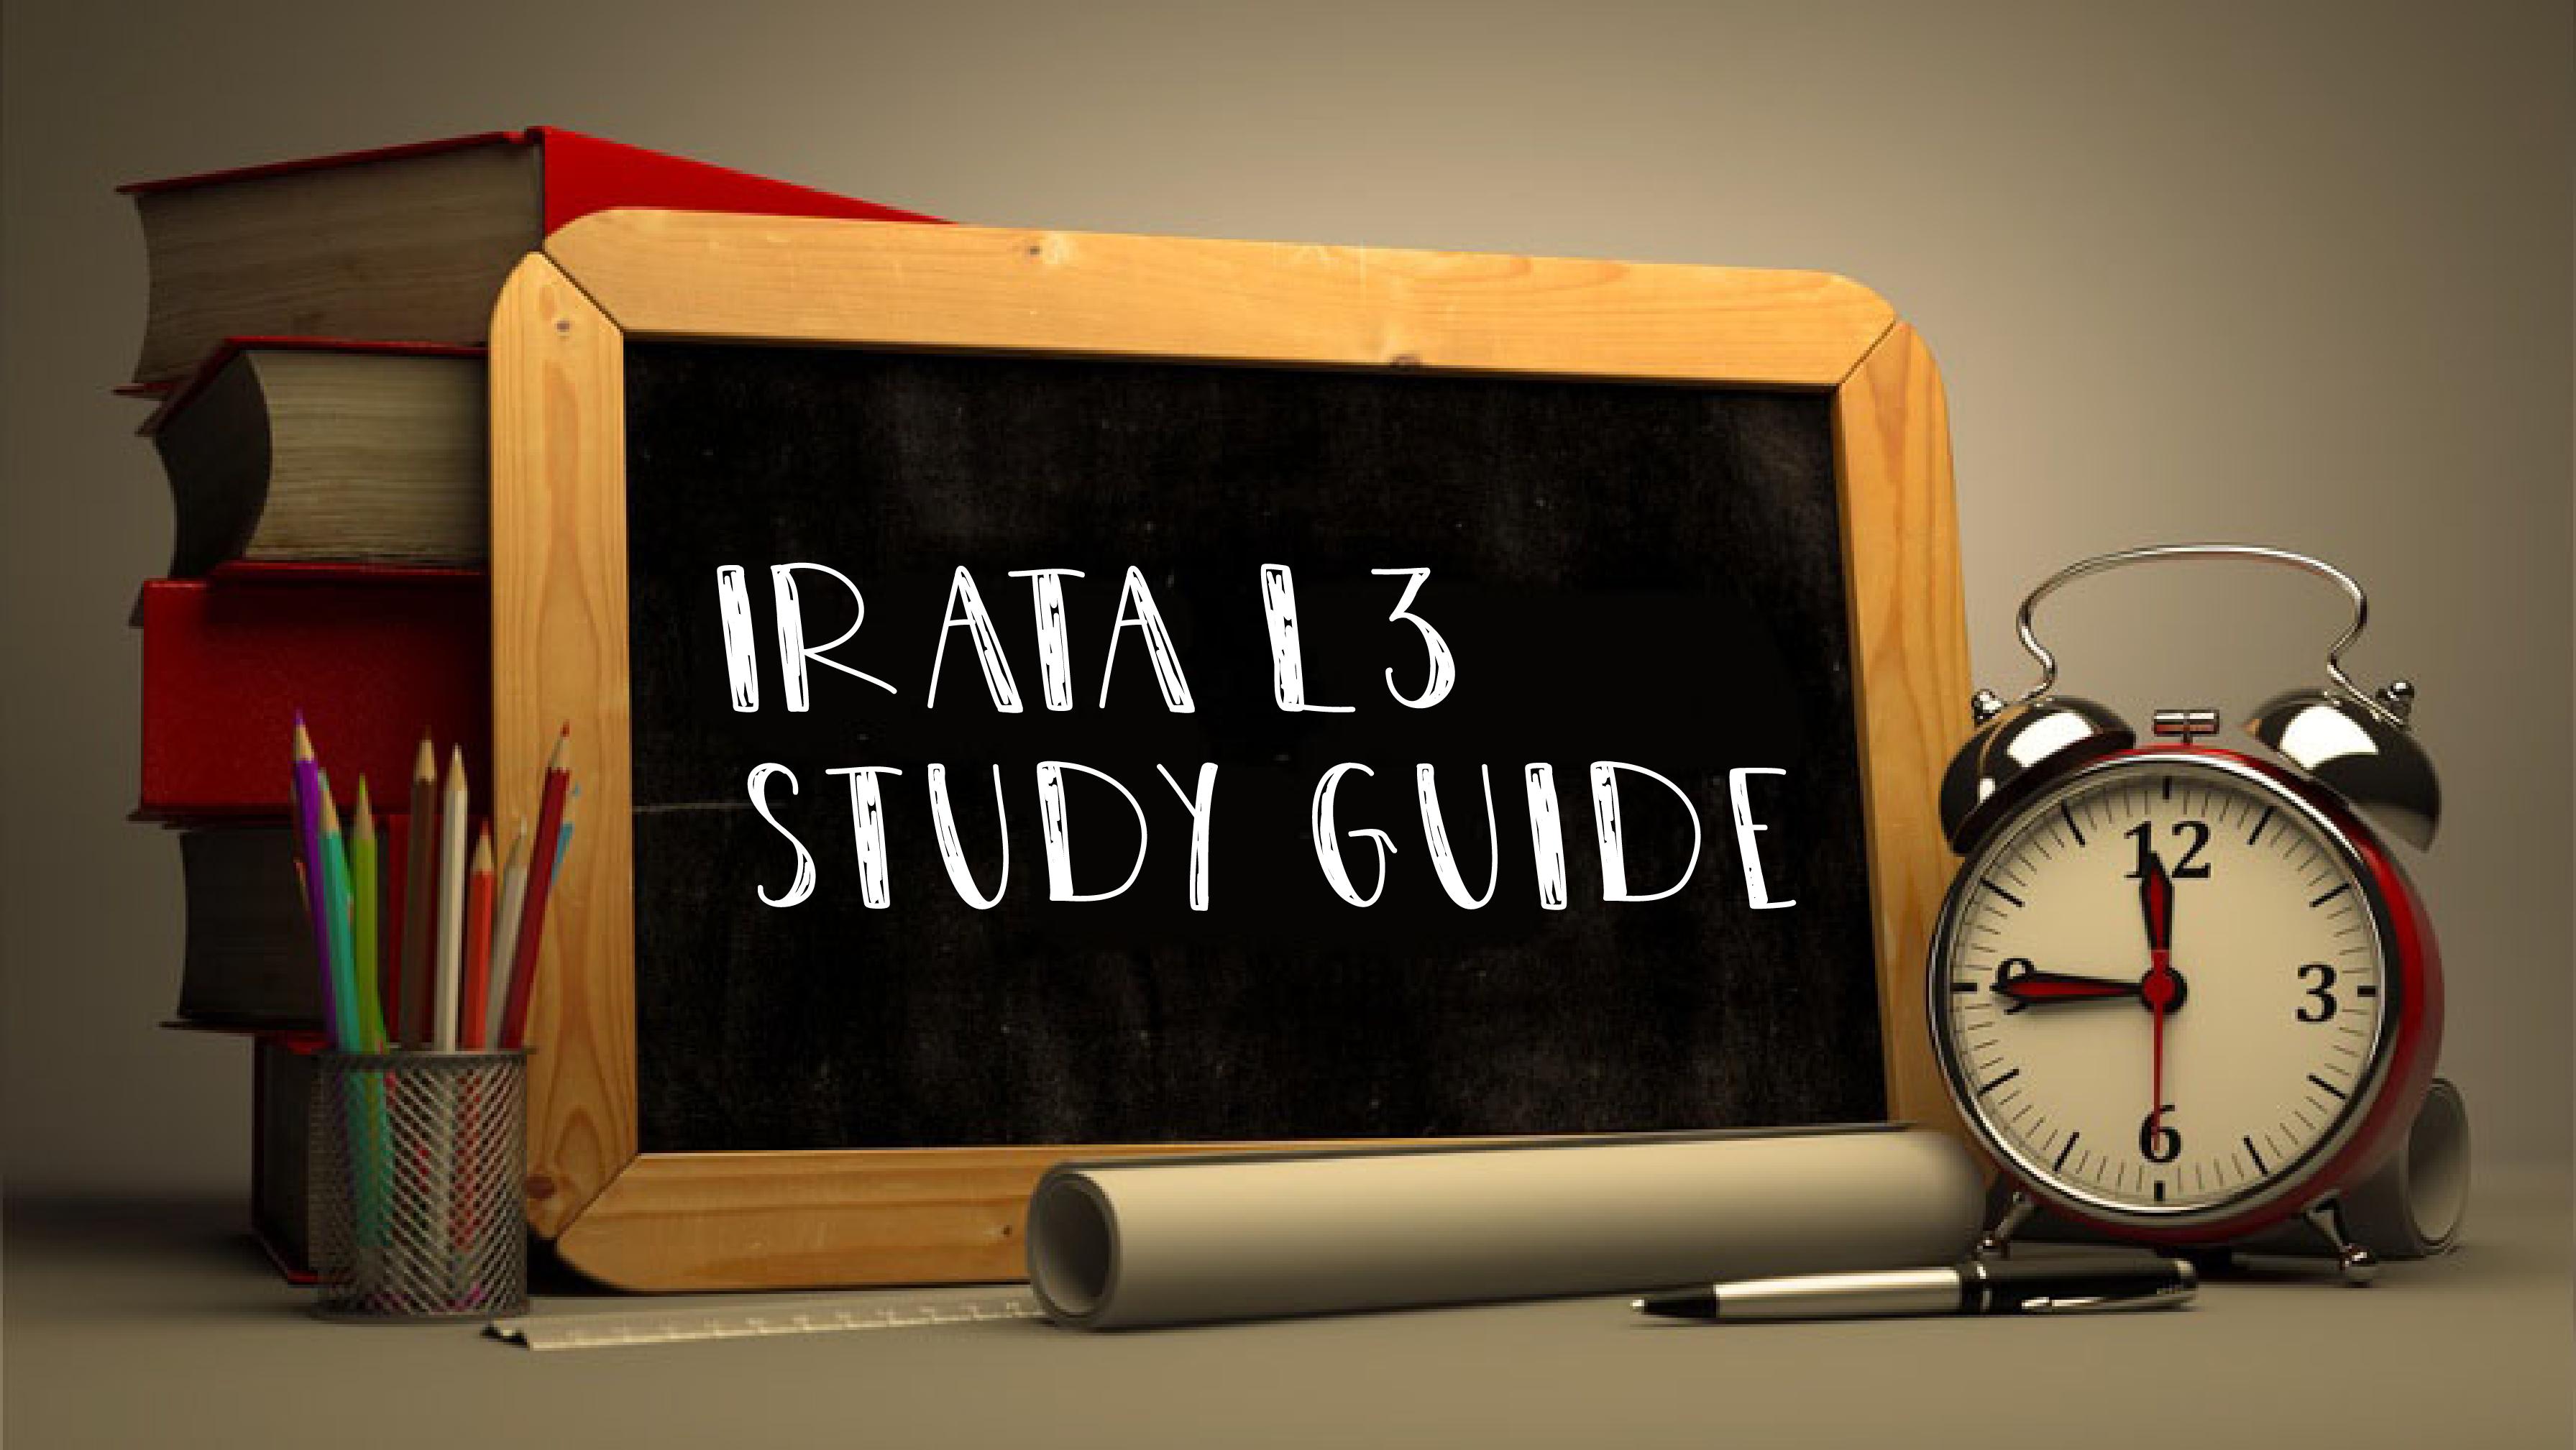 IRATA L3 Study Guide-01-01